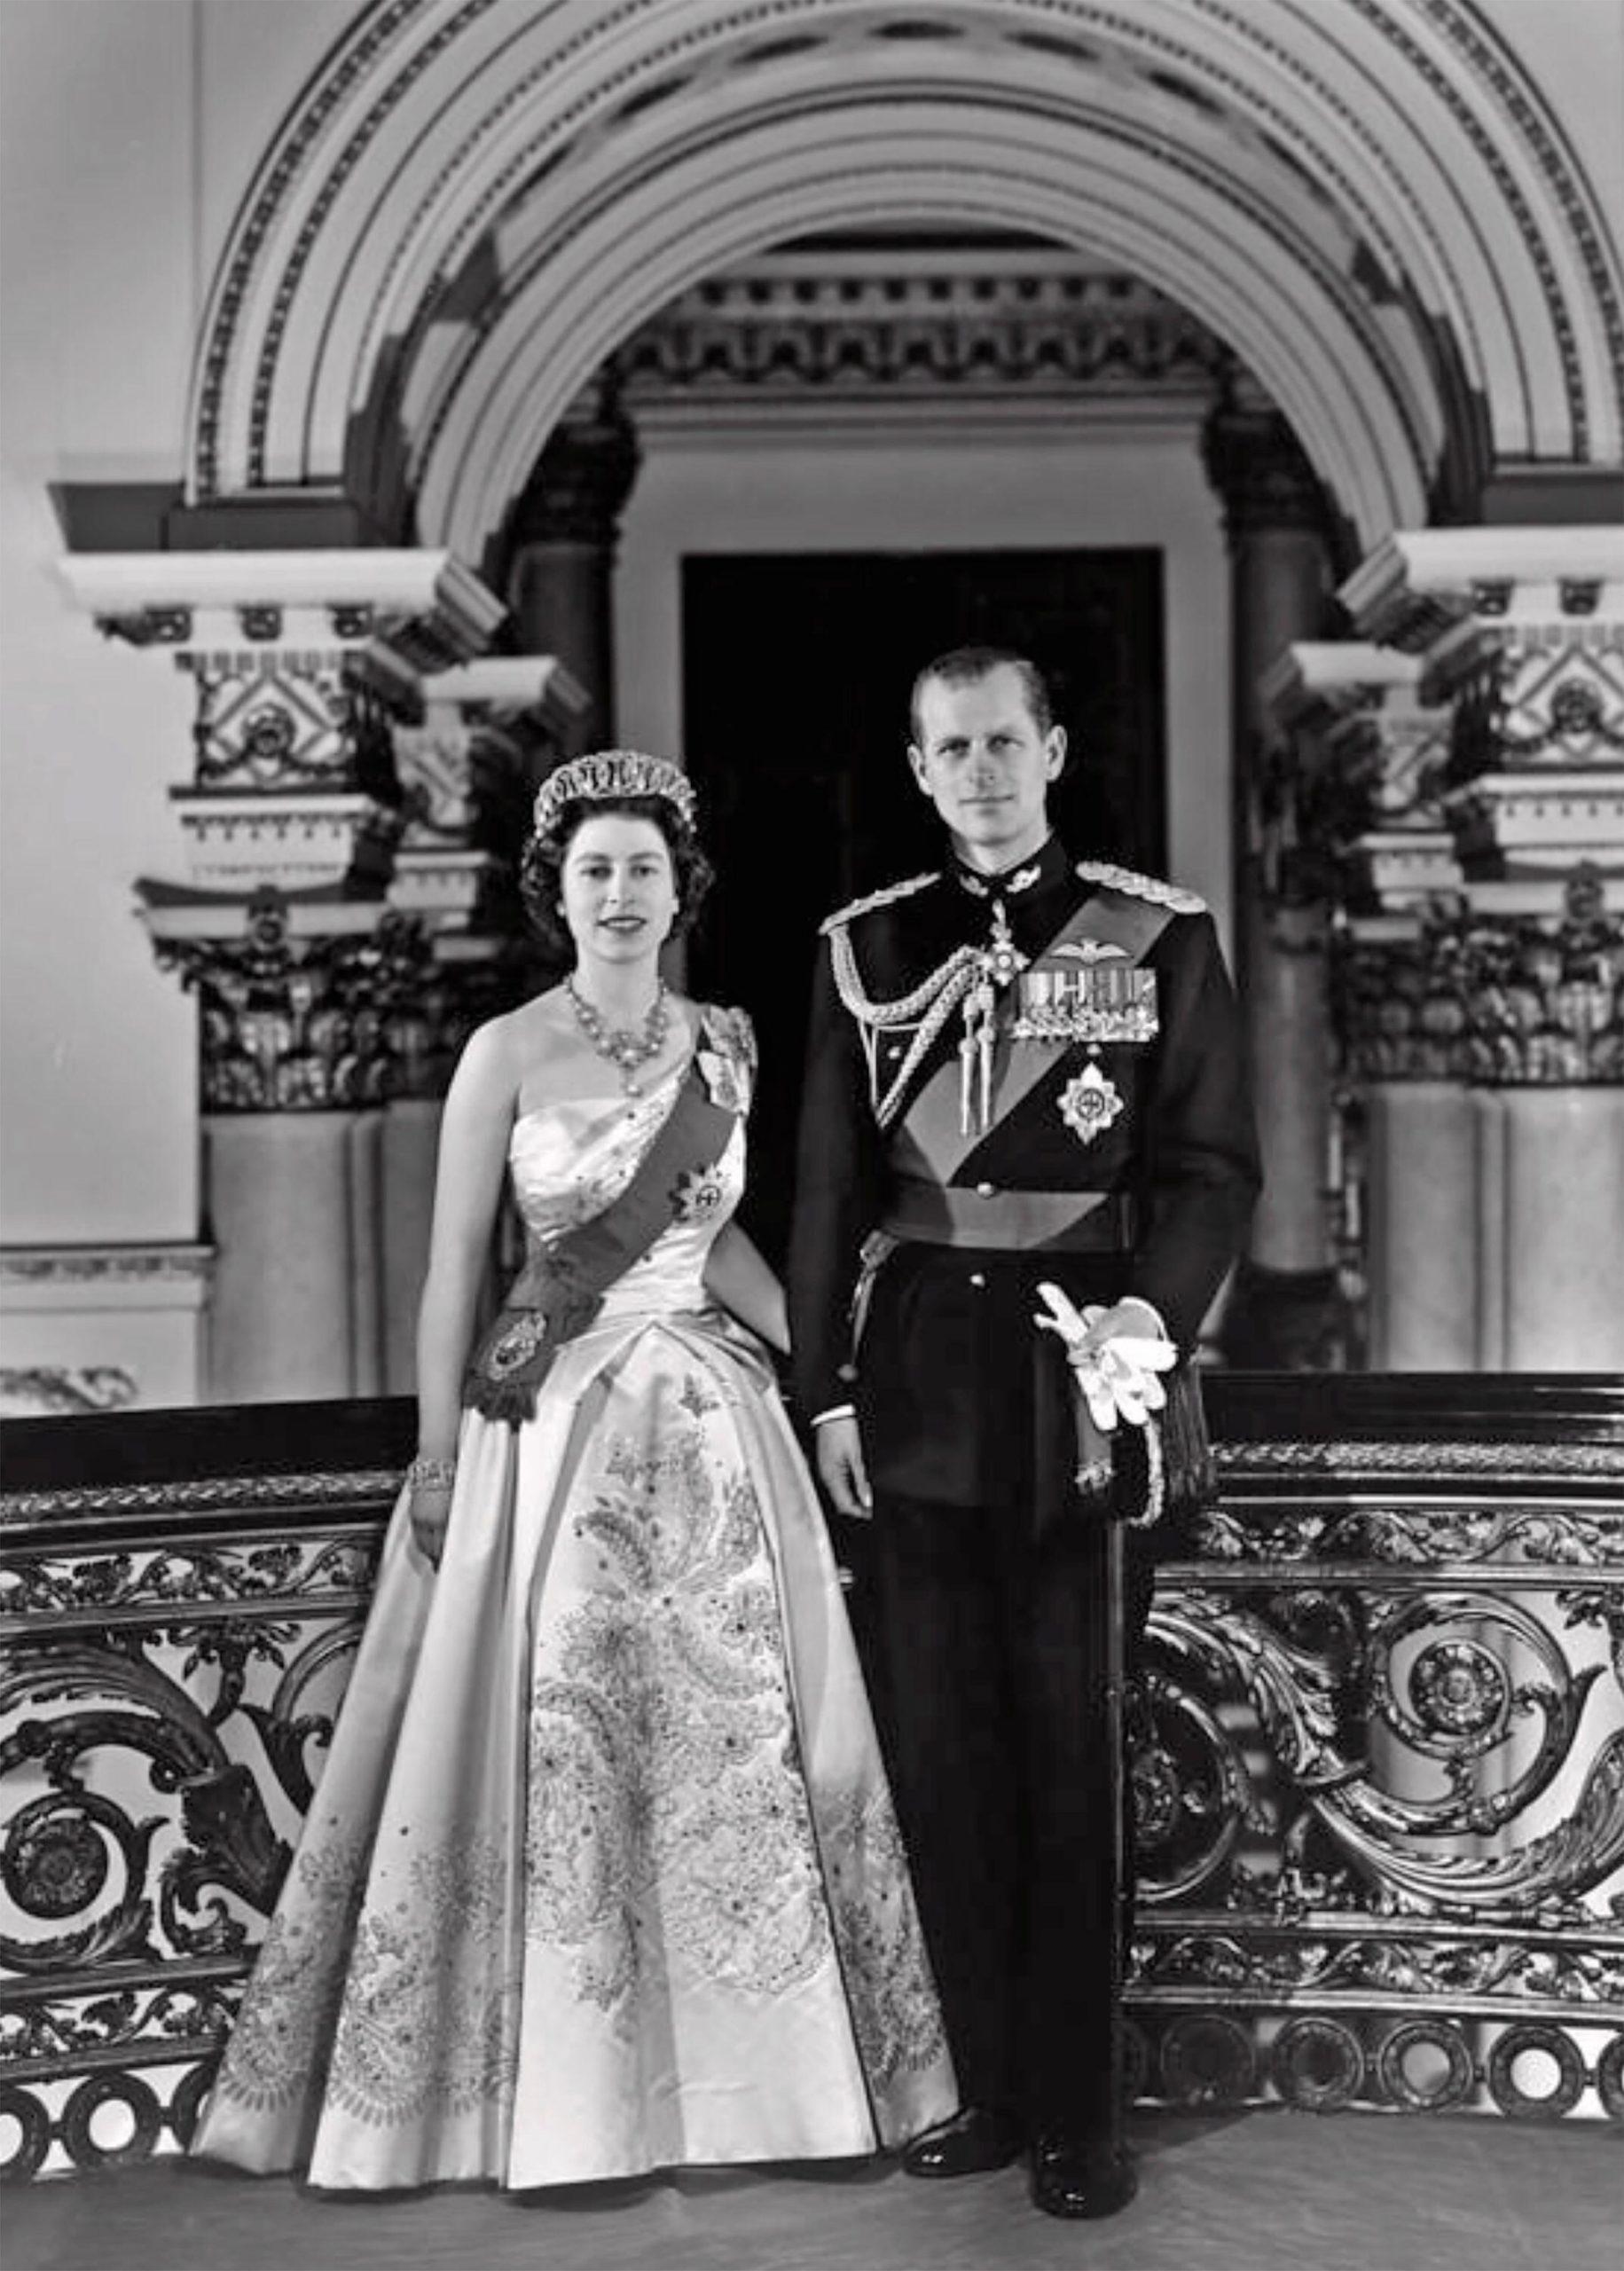 Queen Elizabeth II and Prince Philip in December 1958.